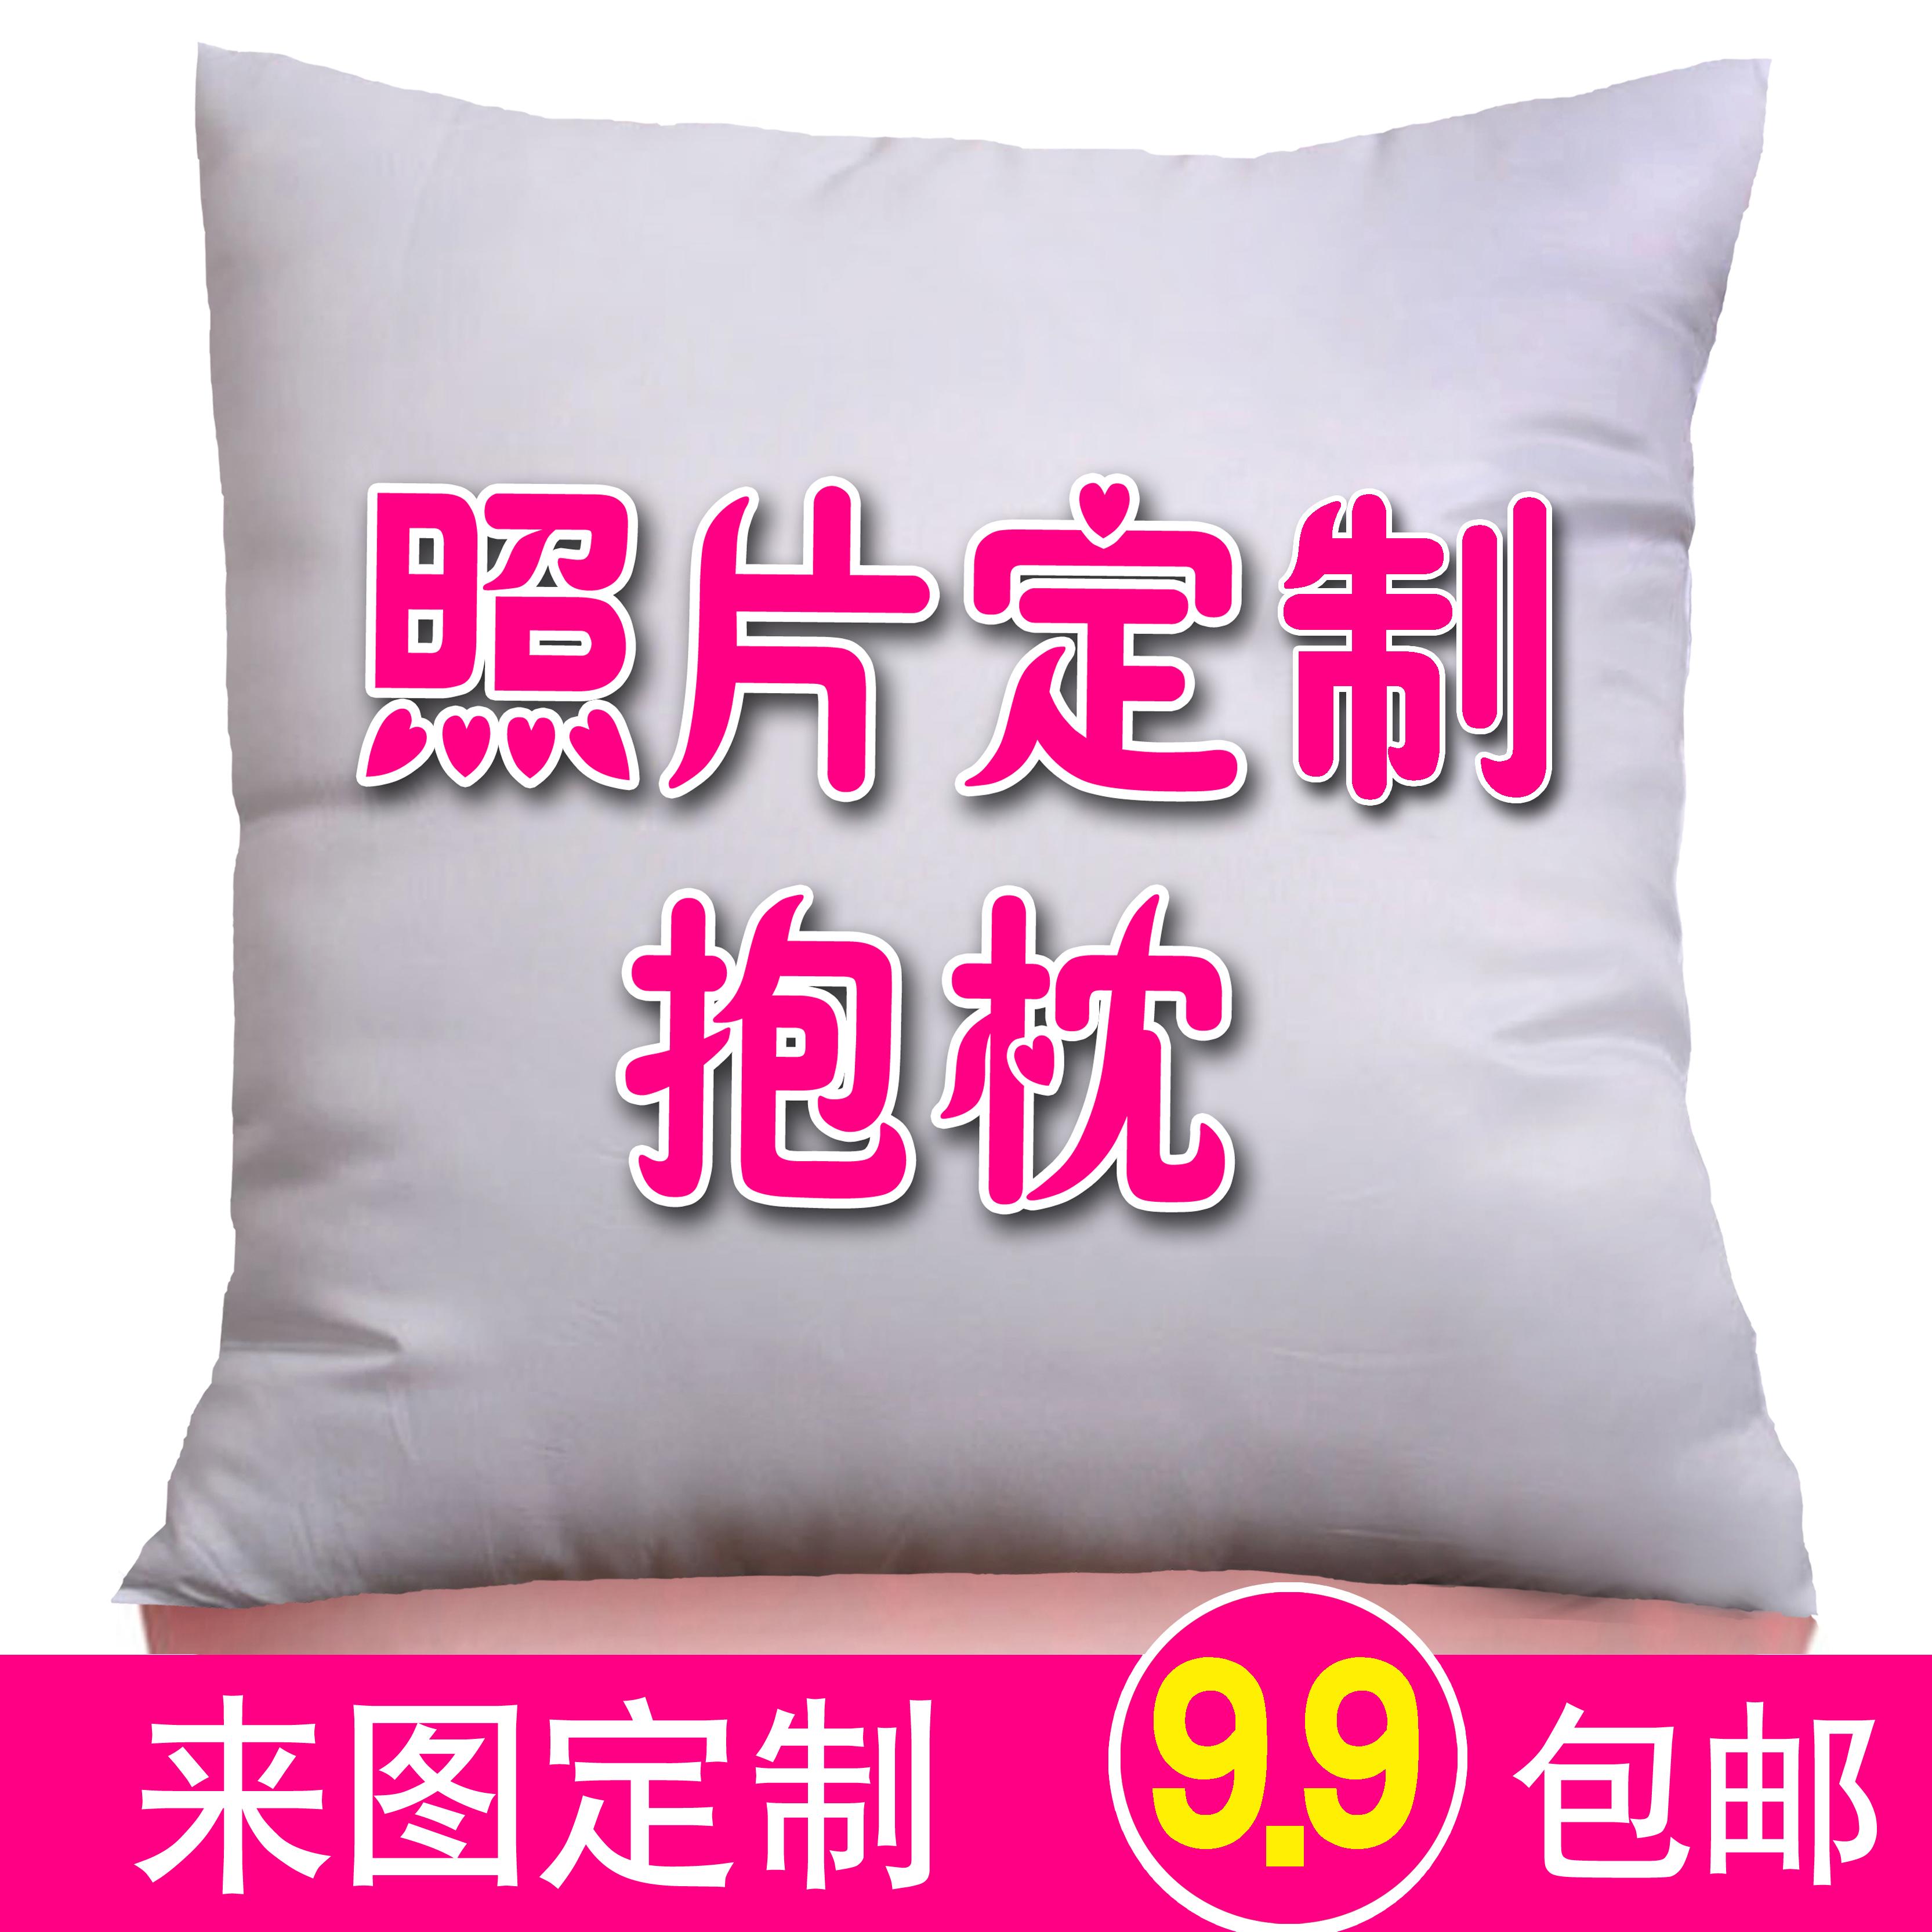 DIY来图定做真人照片抱枕定制创意明星枕头动漫腰枕学生靠枕垫背